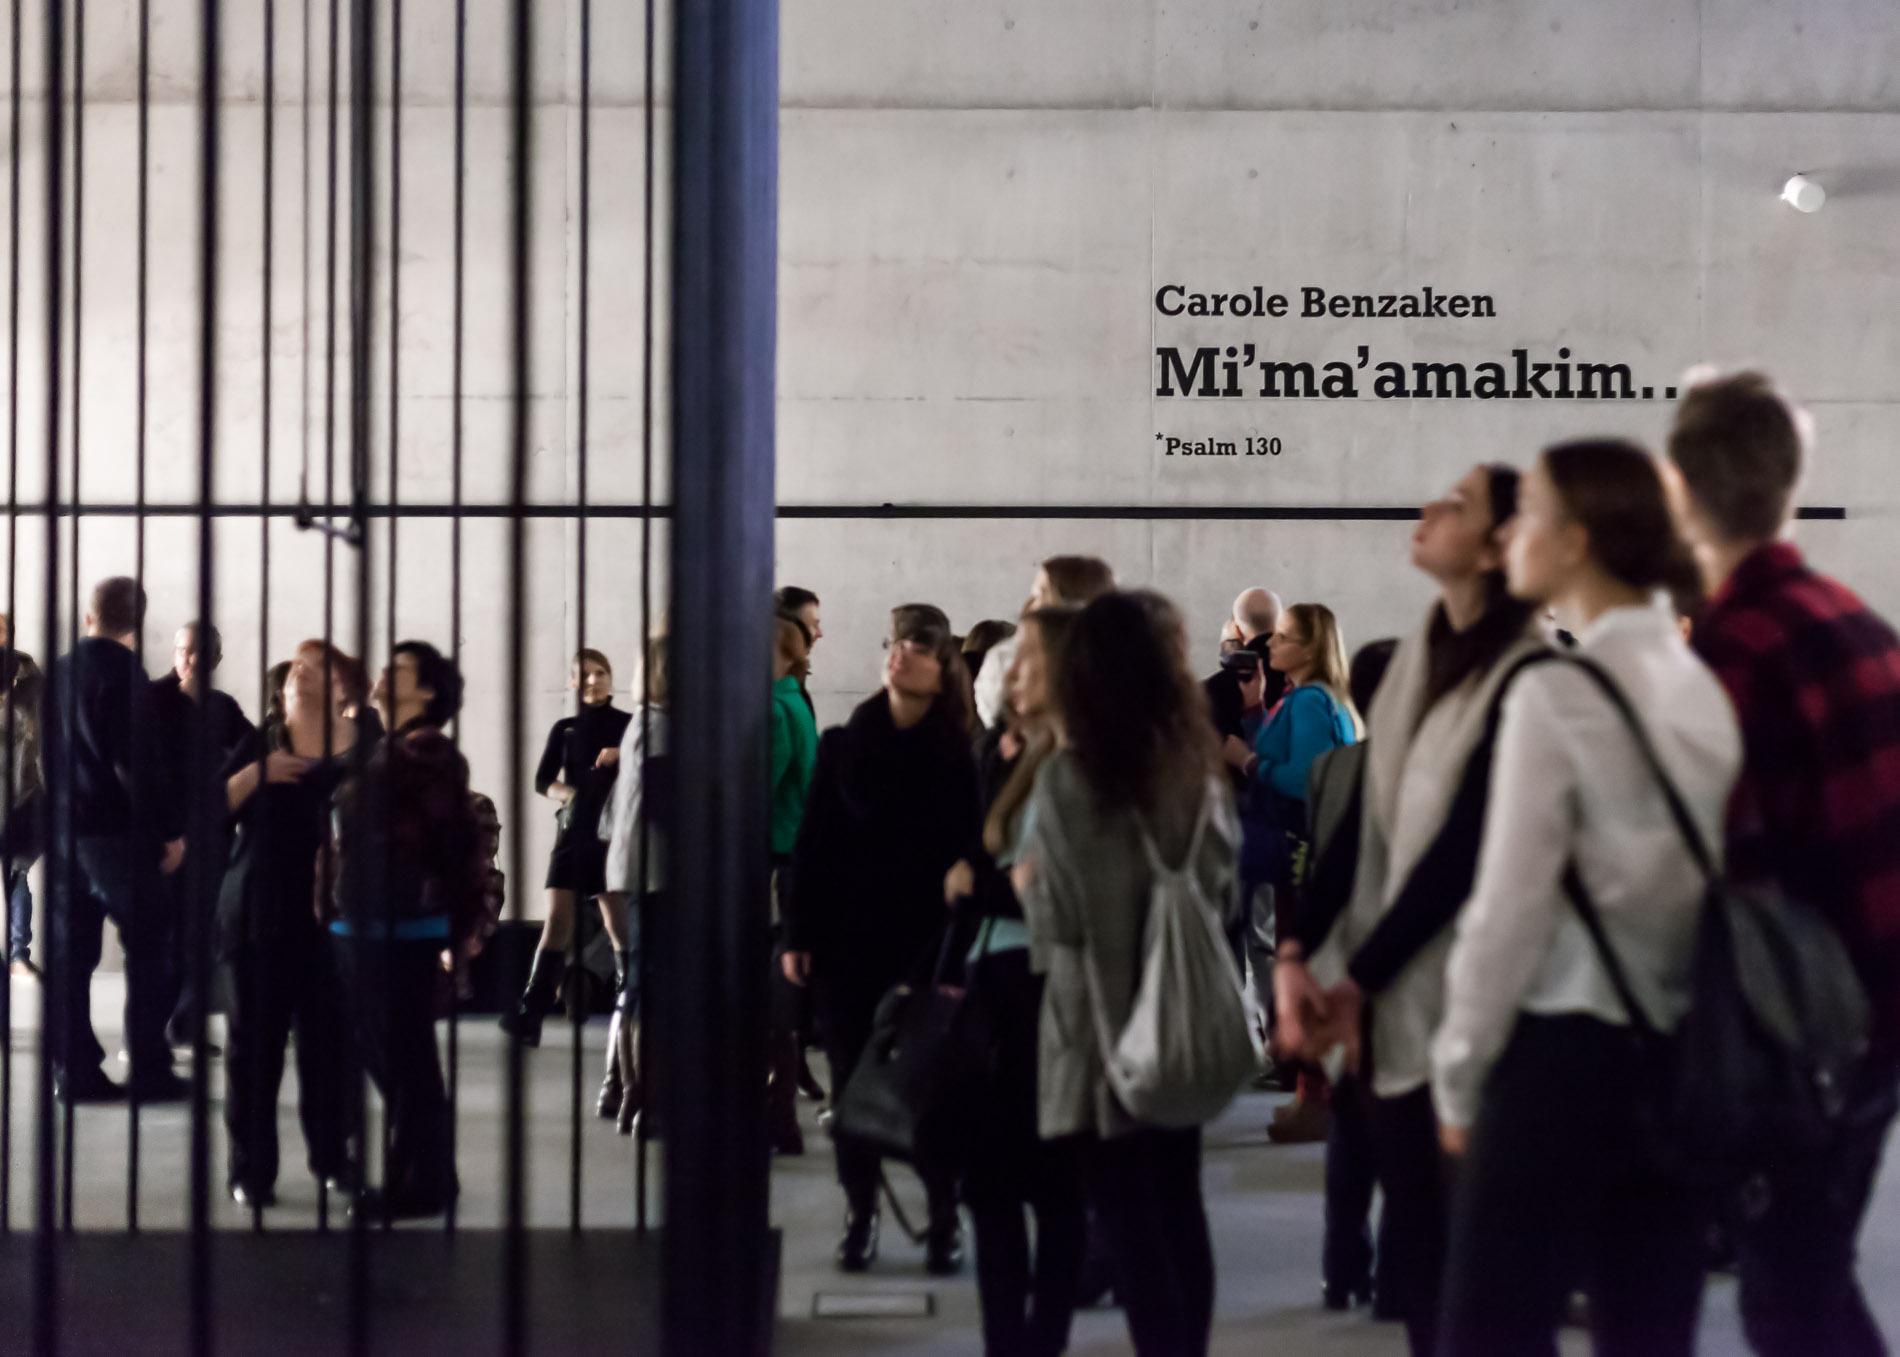 """Muzeum Śląskie w Katowicach: """"Carole Benzaken, Mi'ma'amakim... *Psalm 130"""", kurator: Marek Zieliński, 06.02.-31.07.2016 r. (źródło: dzięki uprzejmości organizatora)"""